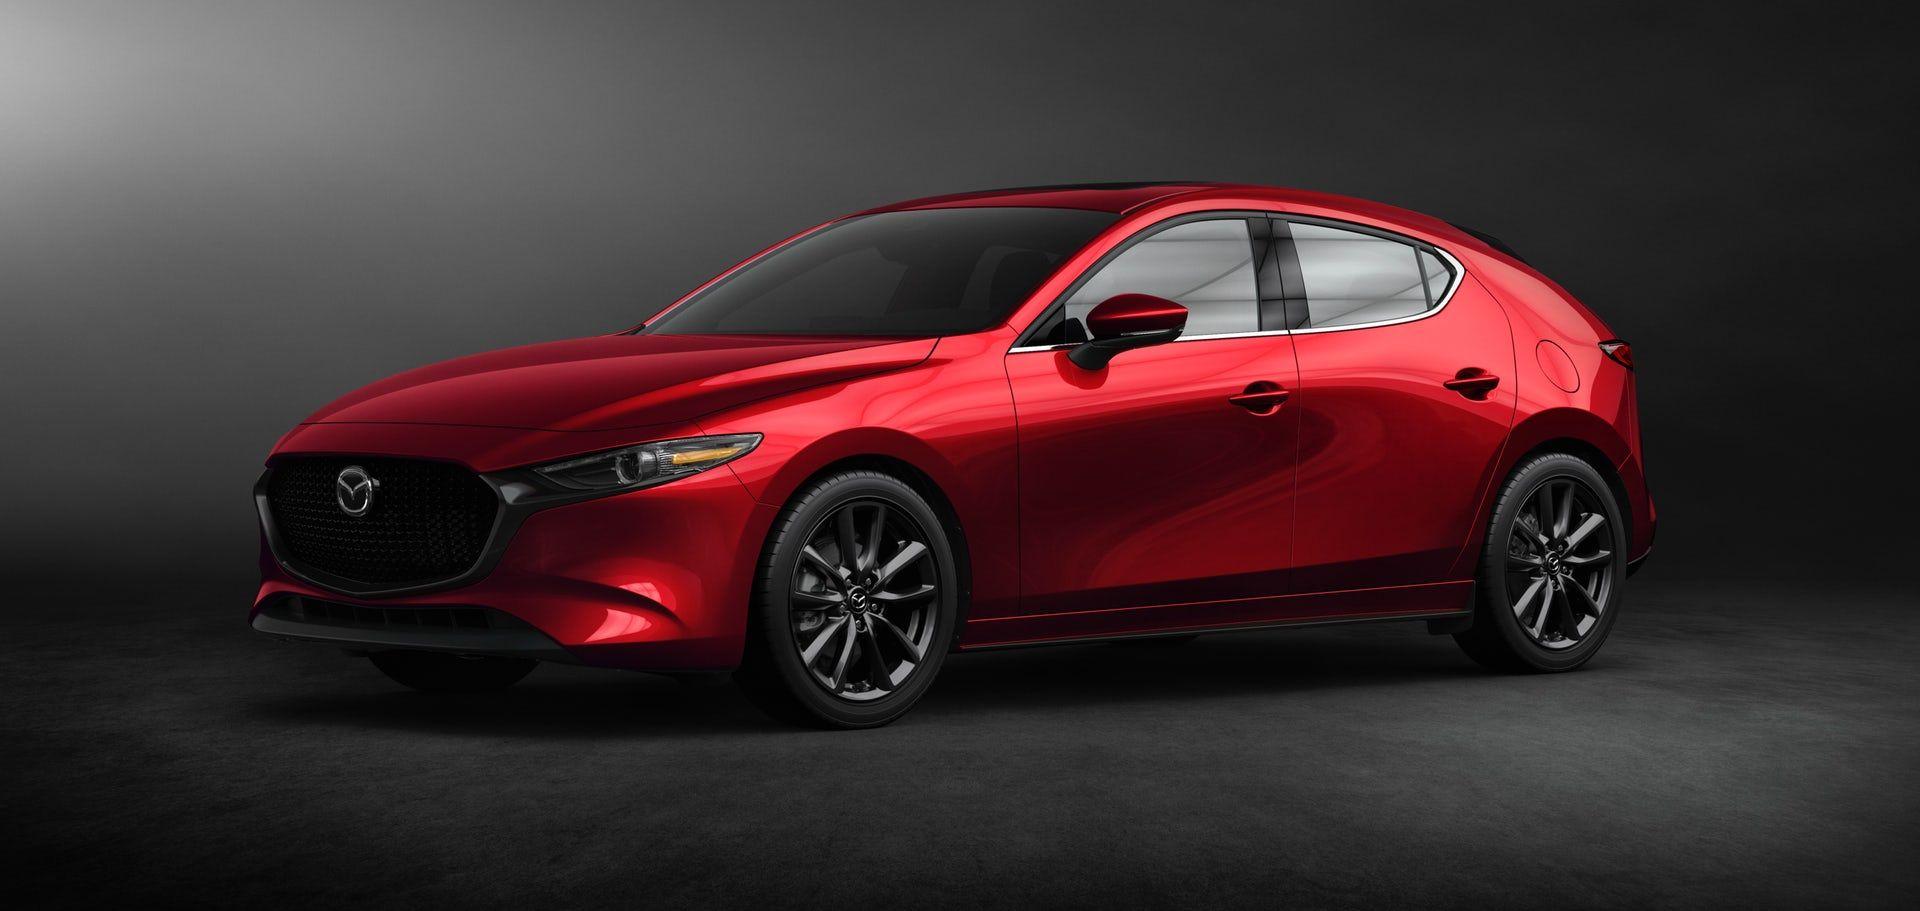 2019 Mazda 3 Price Specs And Release Date Carwow Mazda Mazda3 Mazda 3 Hatchback Mazda Cars